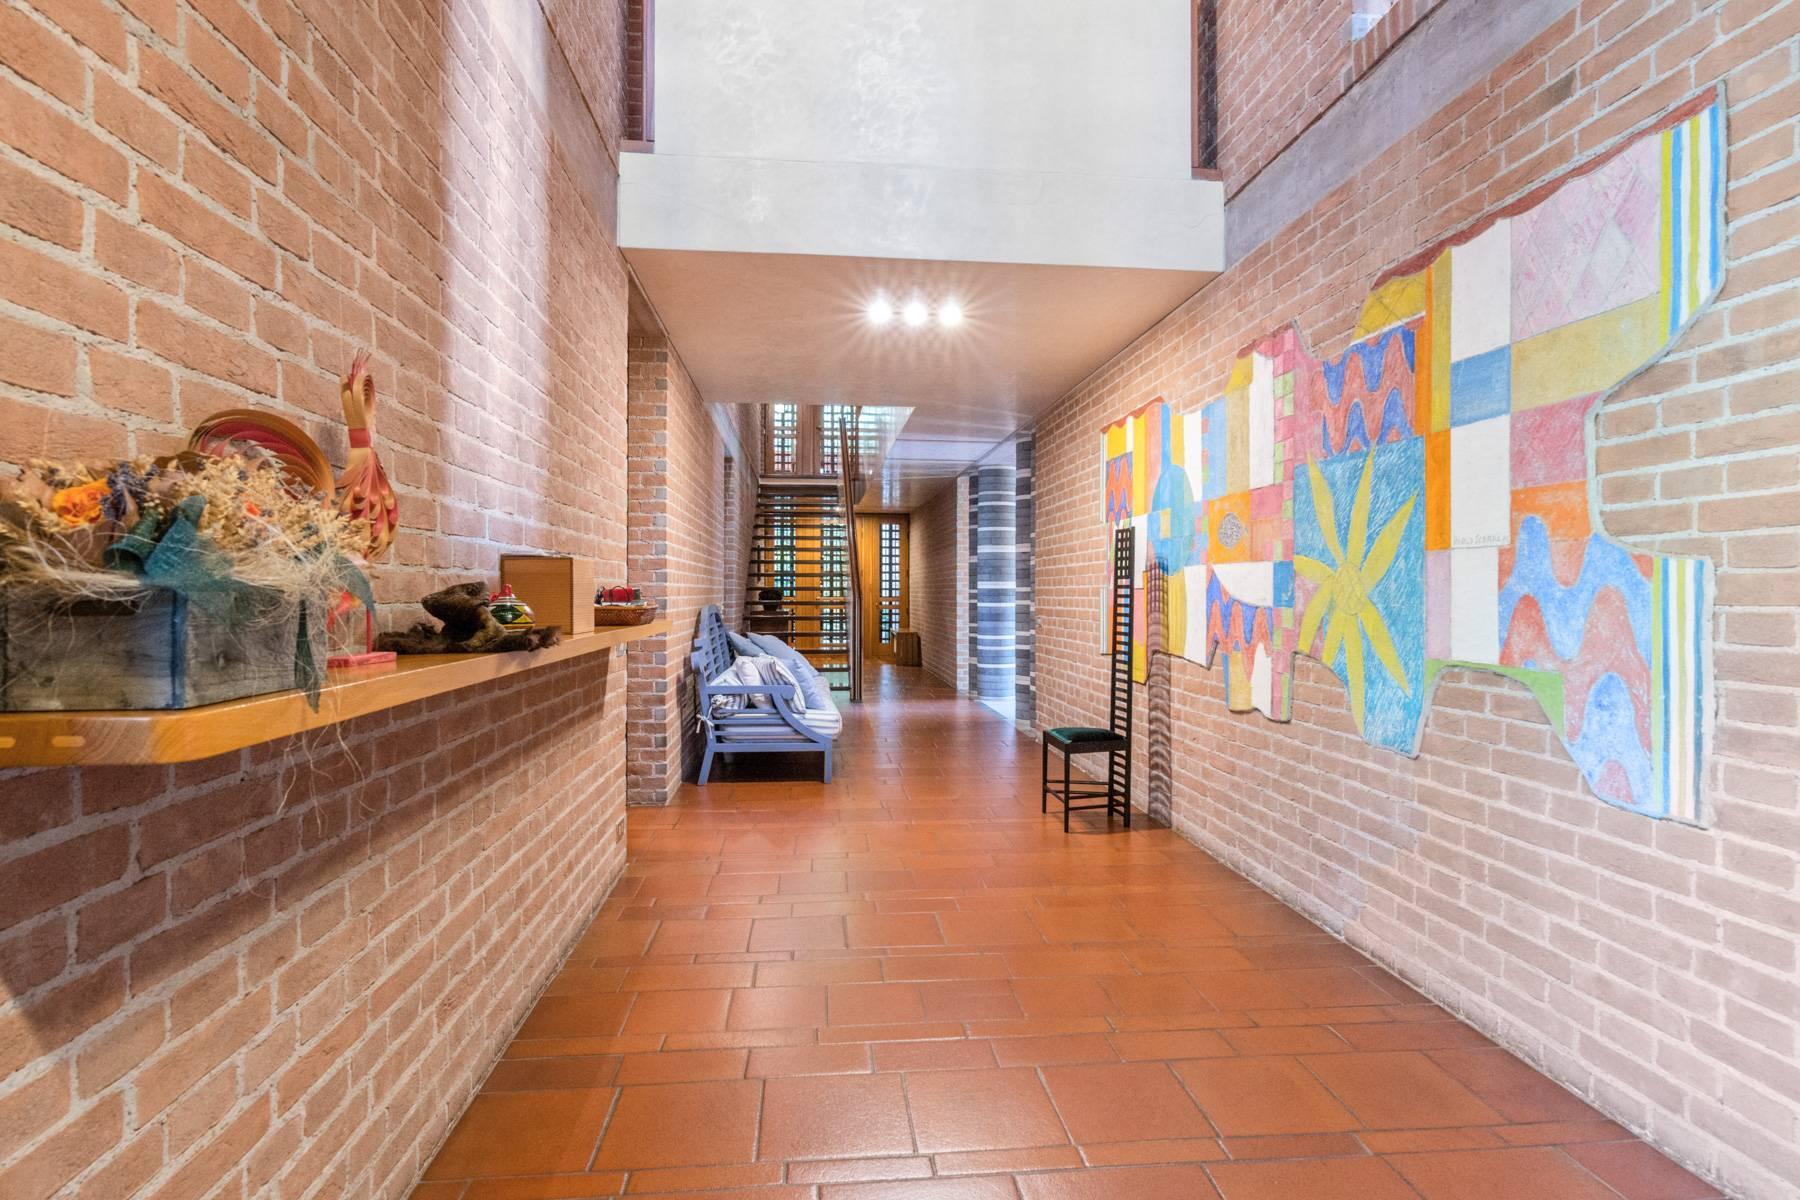 Raffinata Villa d'autore con giardino ed opere d'arte nel centro della città - 6